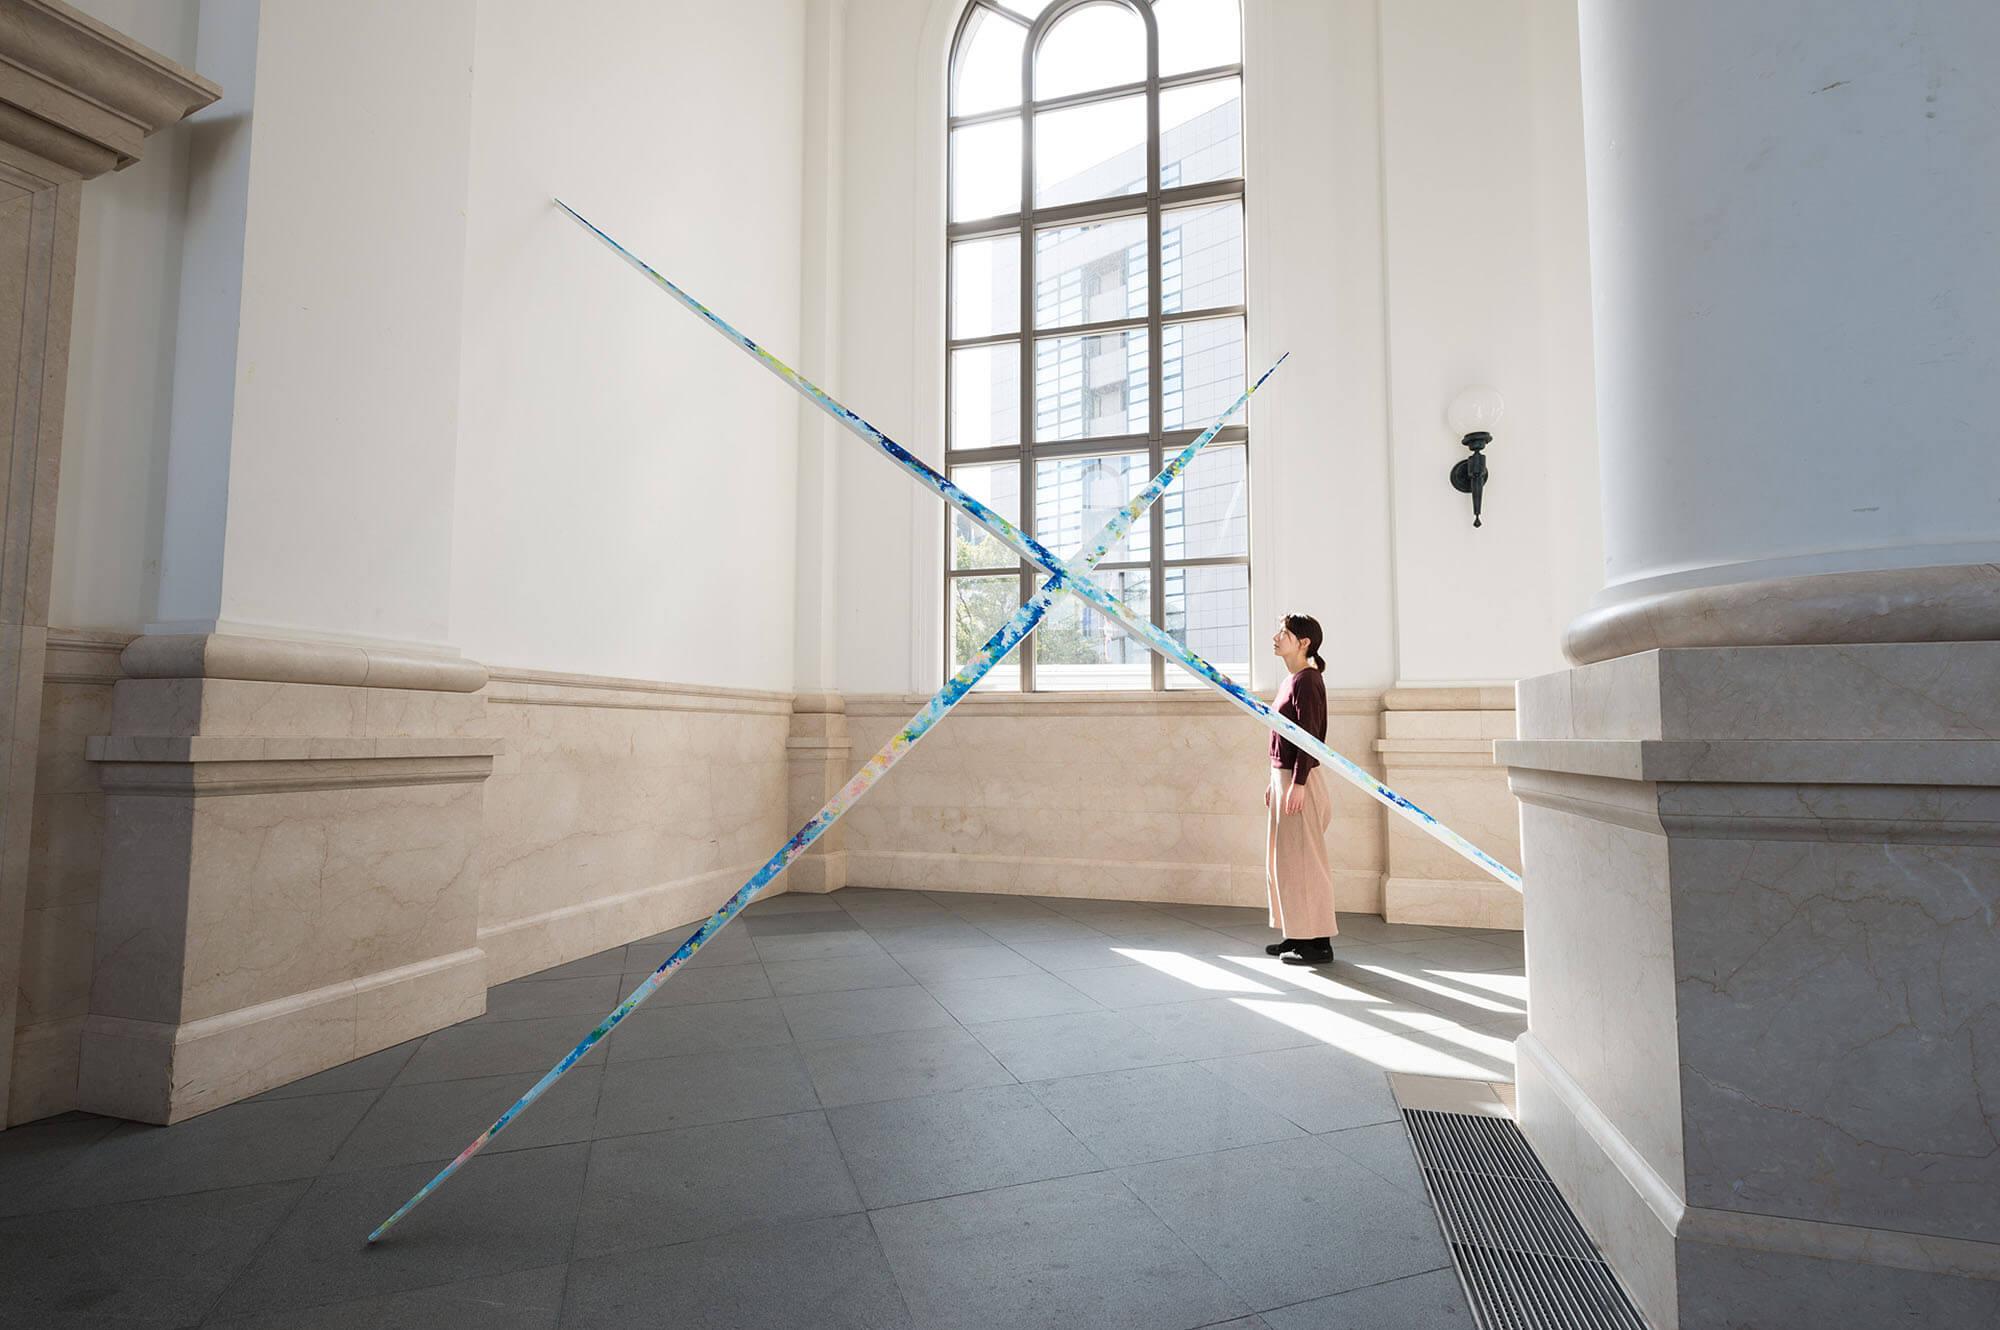 内海聖史 遠くの絵画 現代美術 Contemporary Art